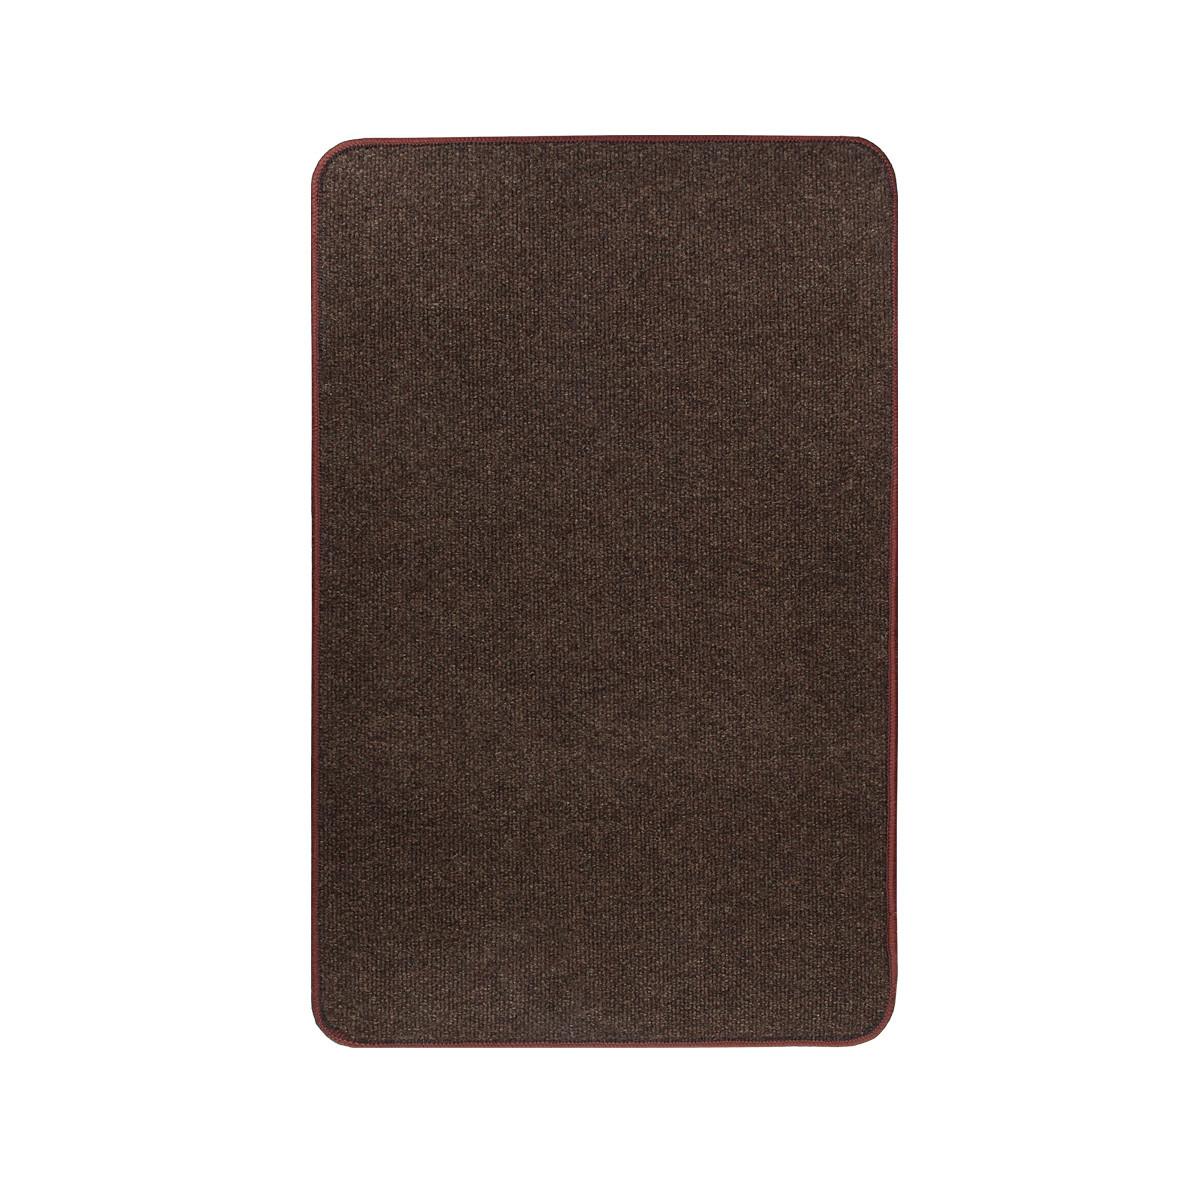 Електричний килимок з підігрівом Теплик з термоізоляцією 50 х 100 см Темно-коричневий